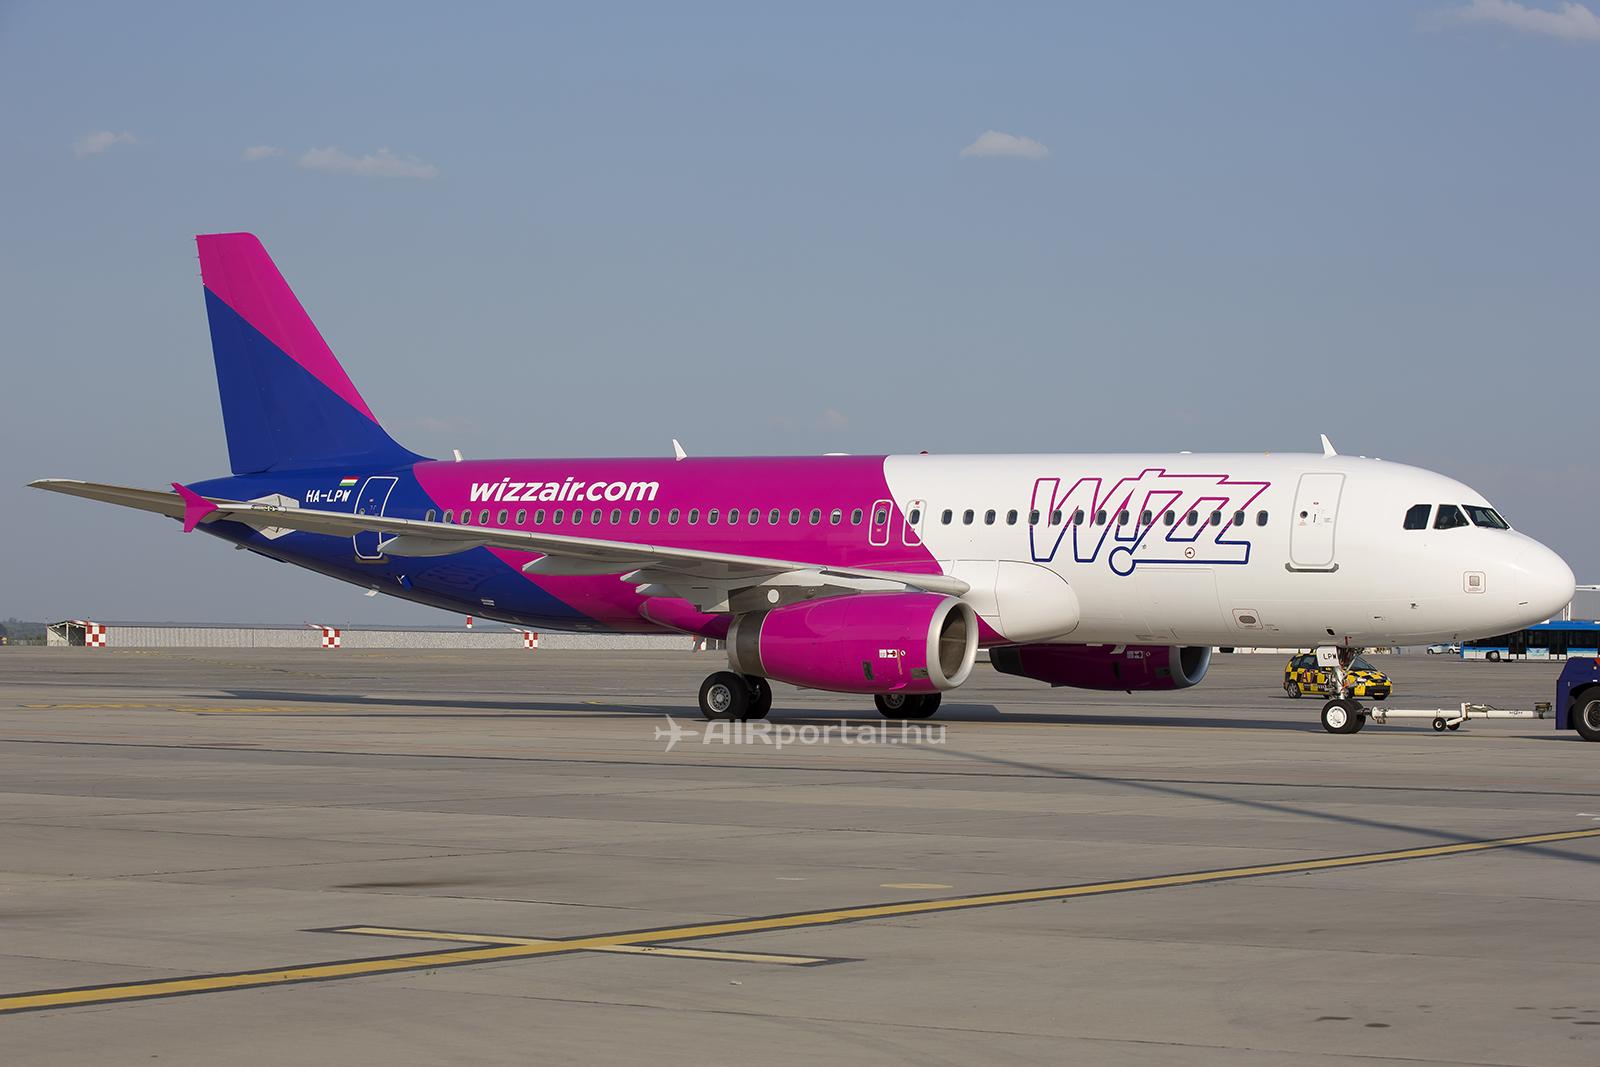 A Wizz Air új arculat szerint átfestett repülőgépe Ferihegyen. (Fotó: AIRportal.hu)   © AIRportal.hu